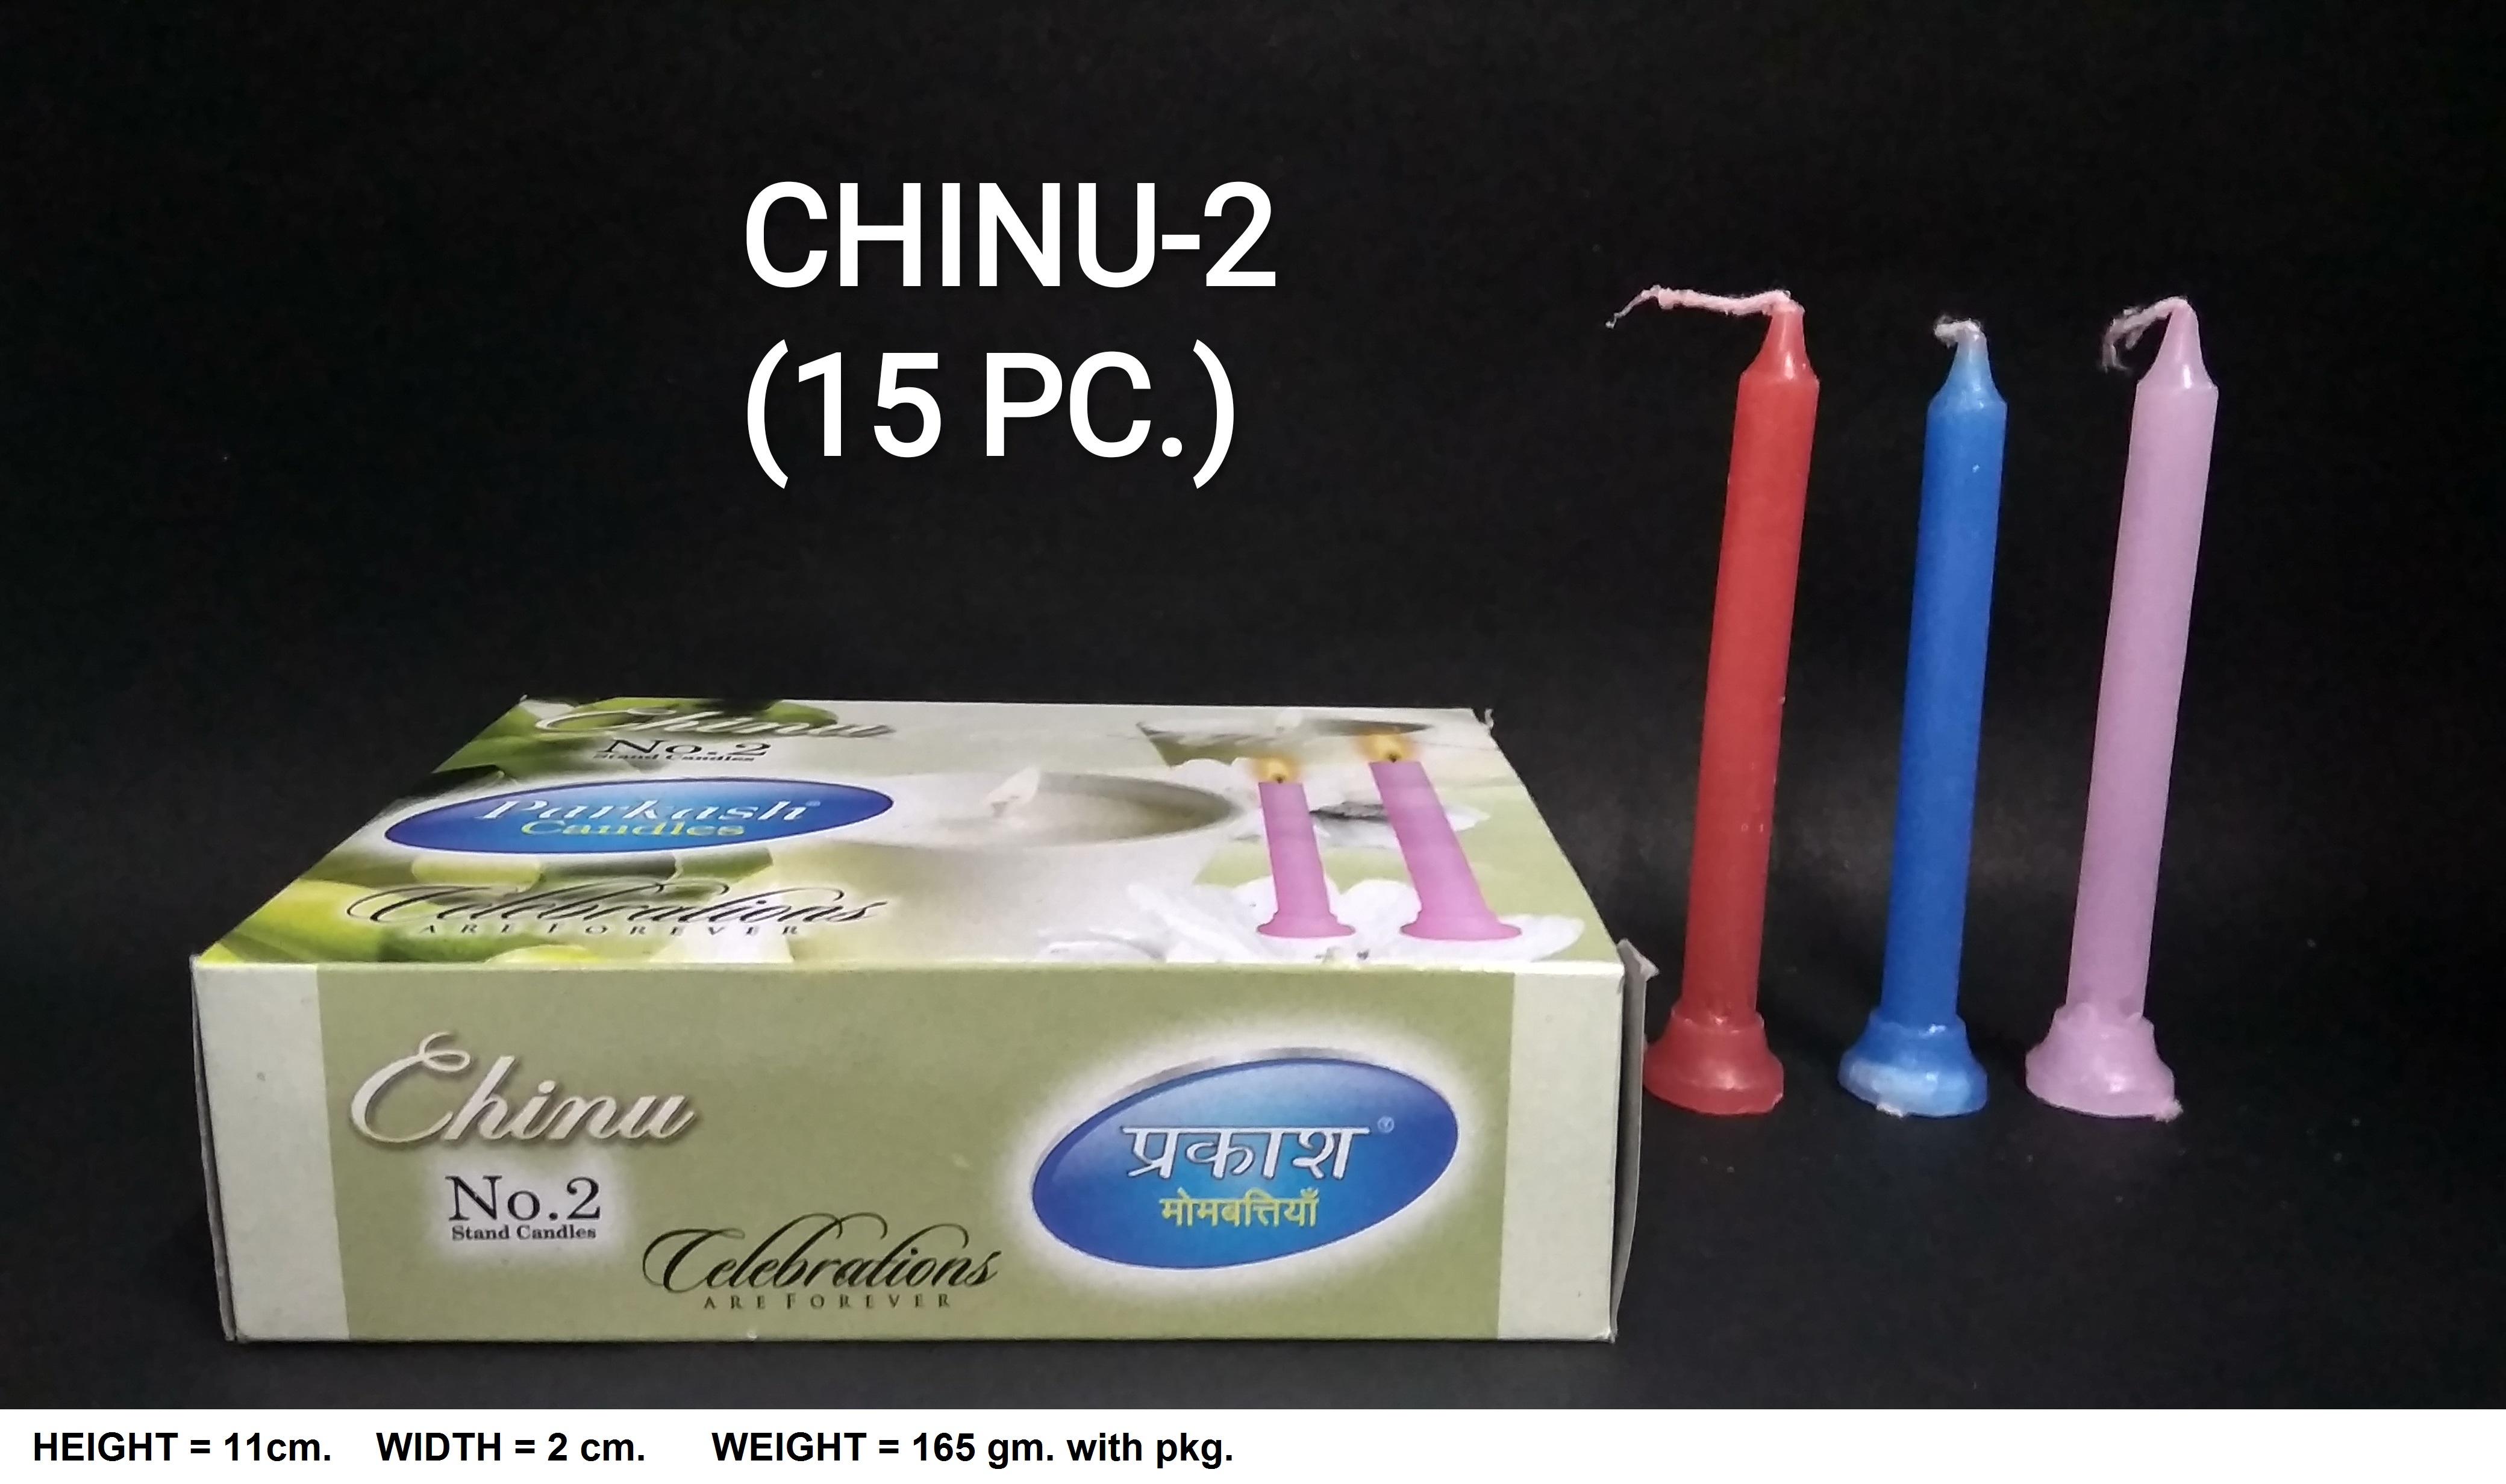 CHINU-2